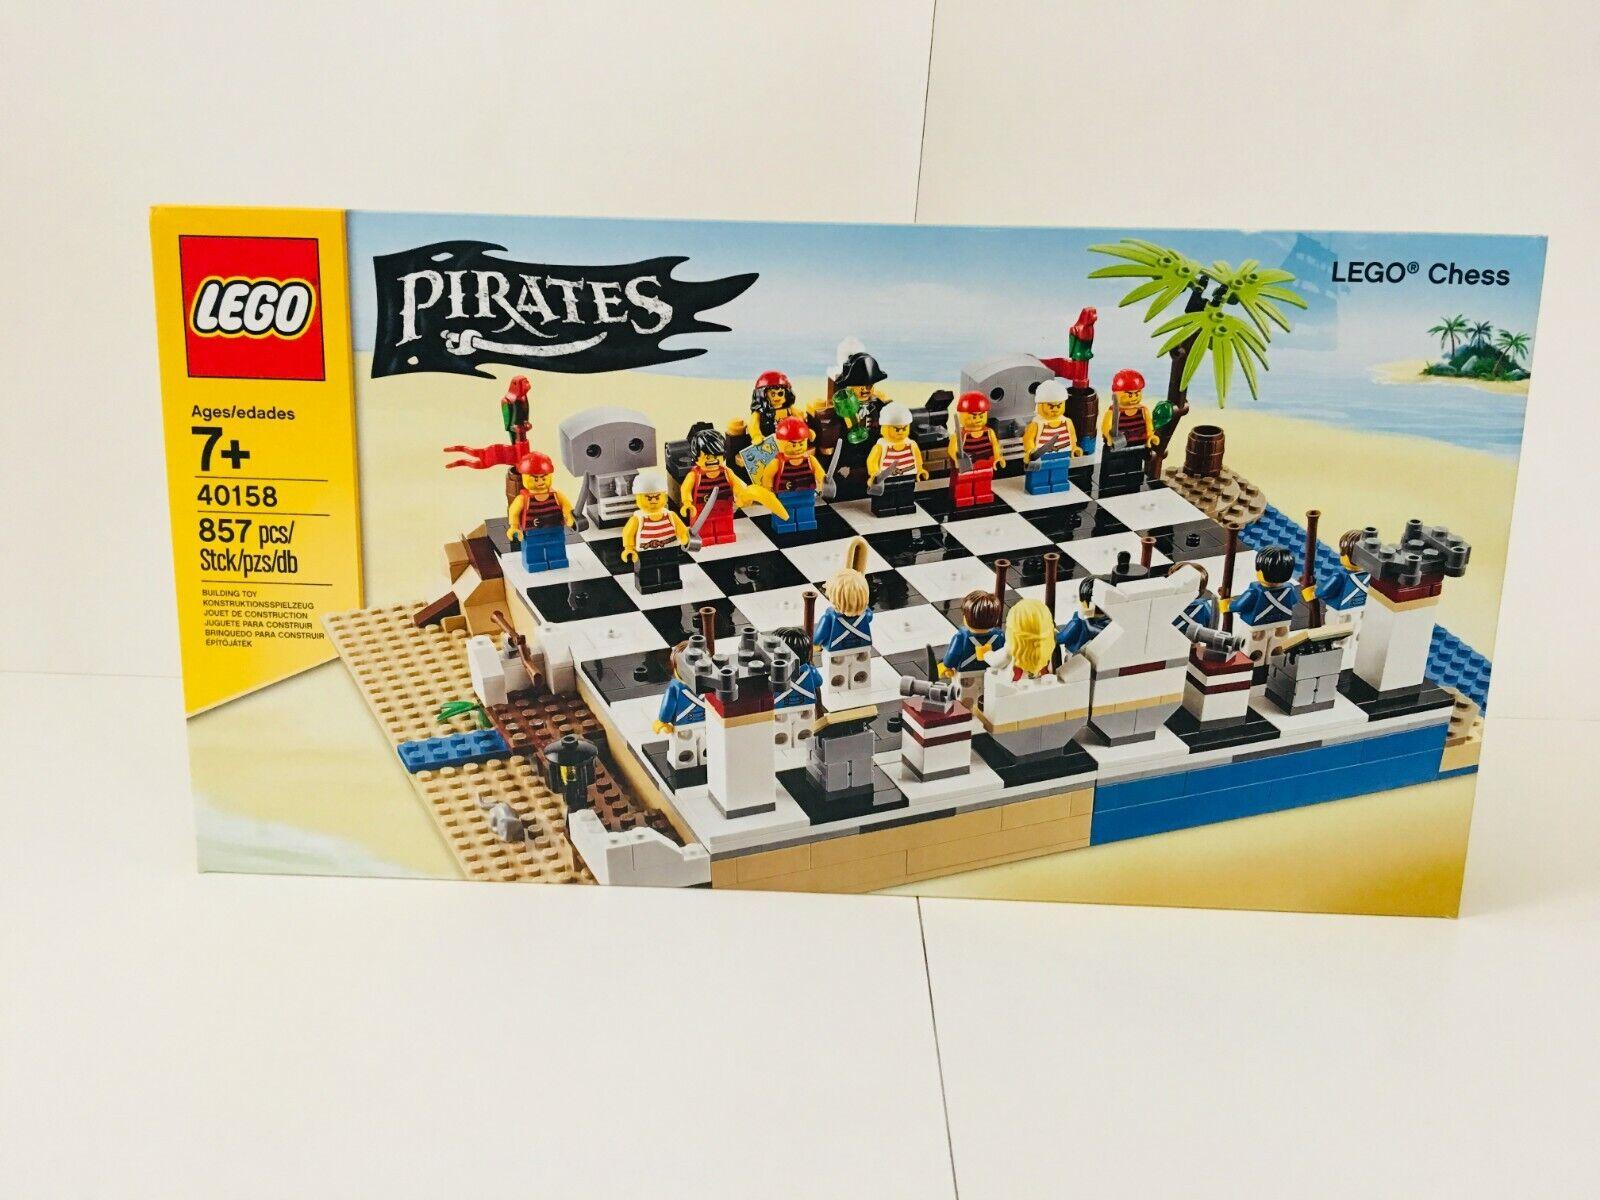 nuovo Lego Pirates vs  blu Coats Chess Set 40158 re regina Knight Rook Pawn tavola  negozio fa acquisti e vendite